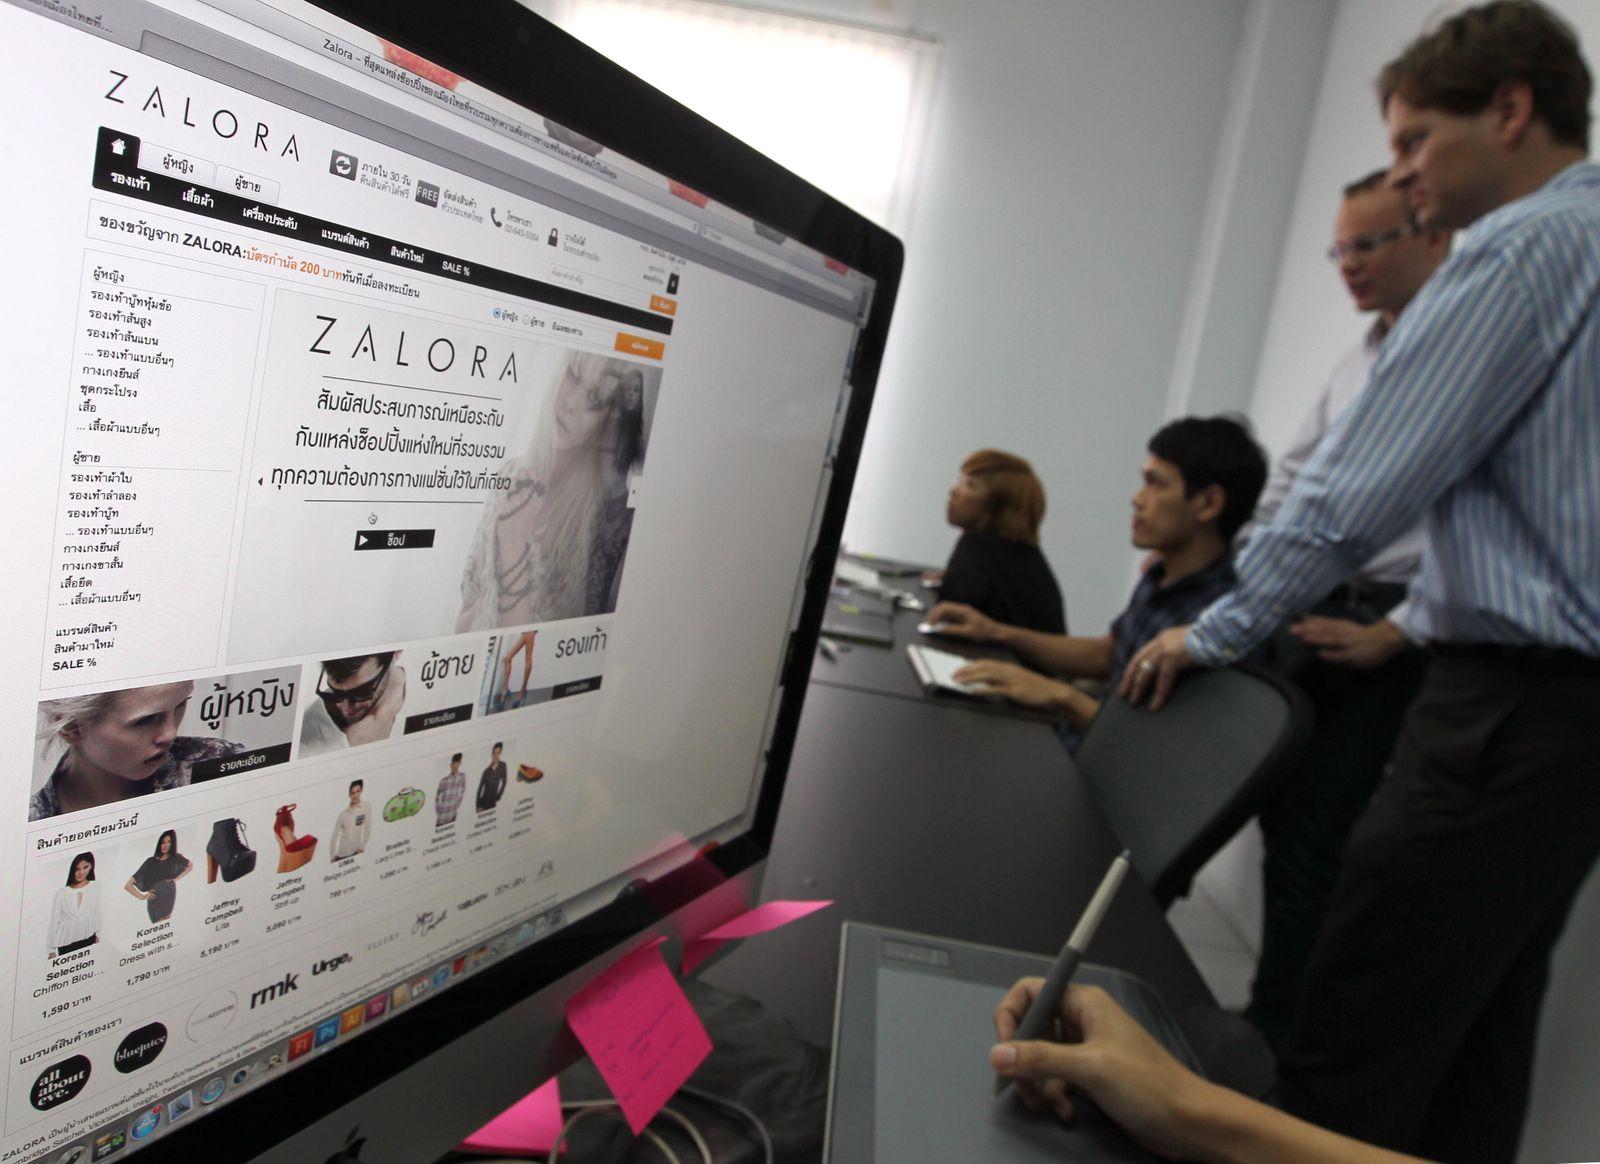 Zalora / e-commerce